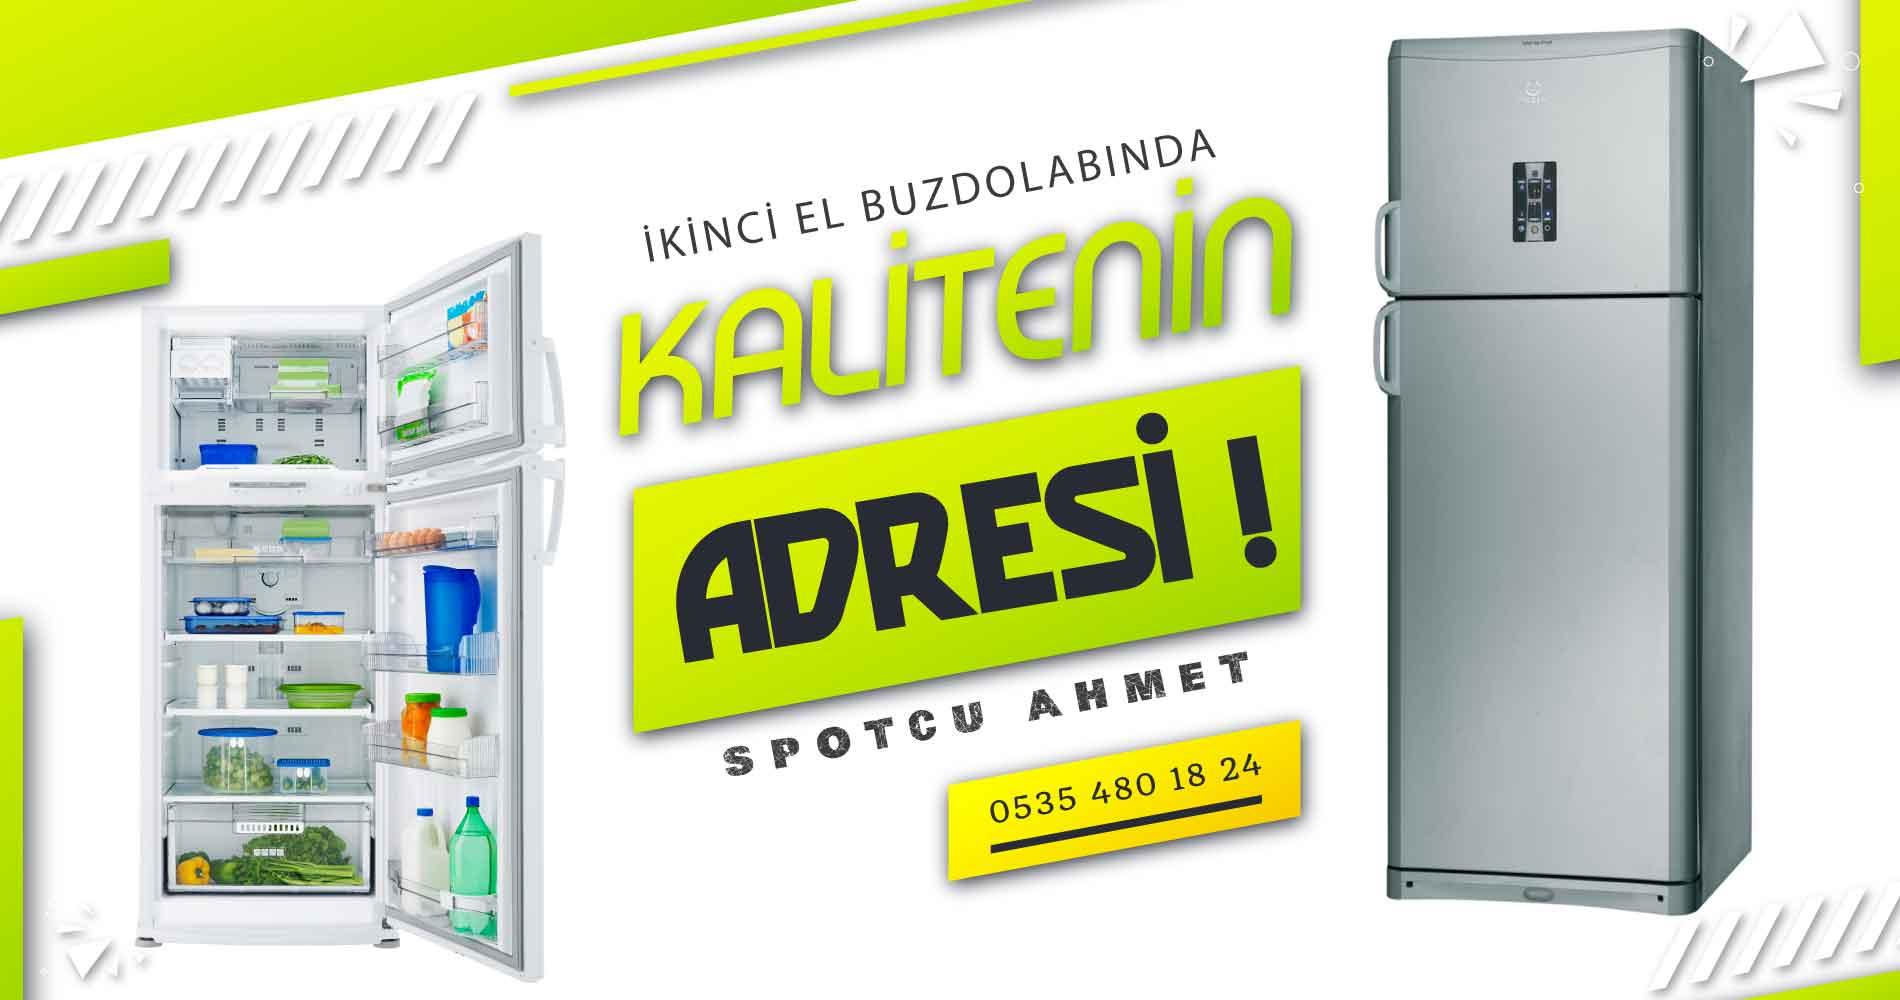 www izmirspotcu web tr